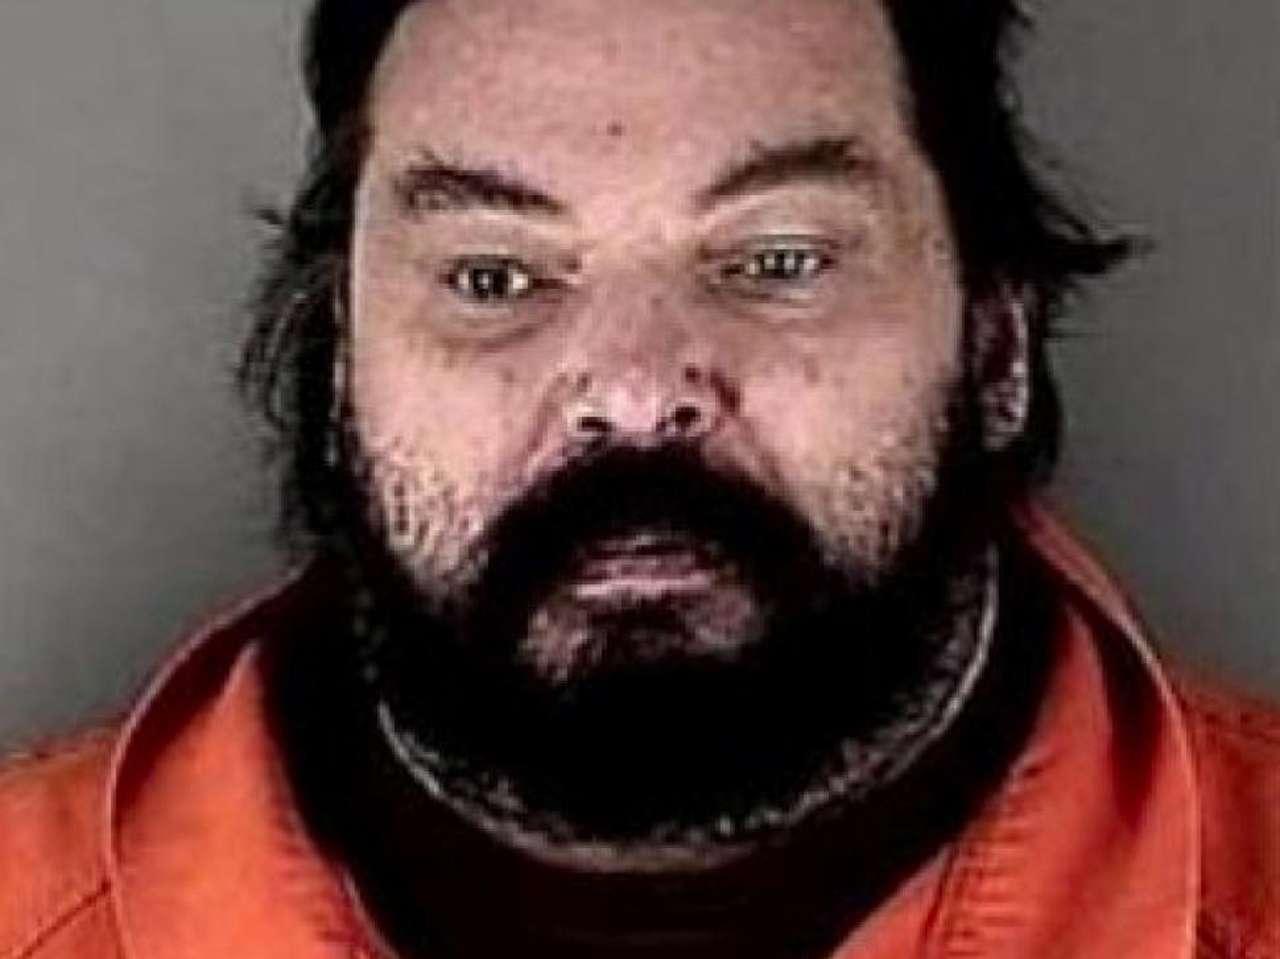 David Vanzo ya había saqueado la cuenta de su madre, cuando ella áun vivía. Foto: Plymouth Police Deparment